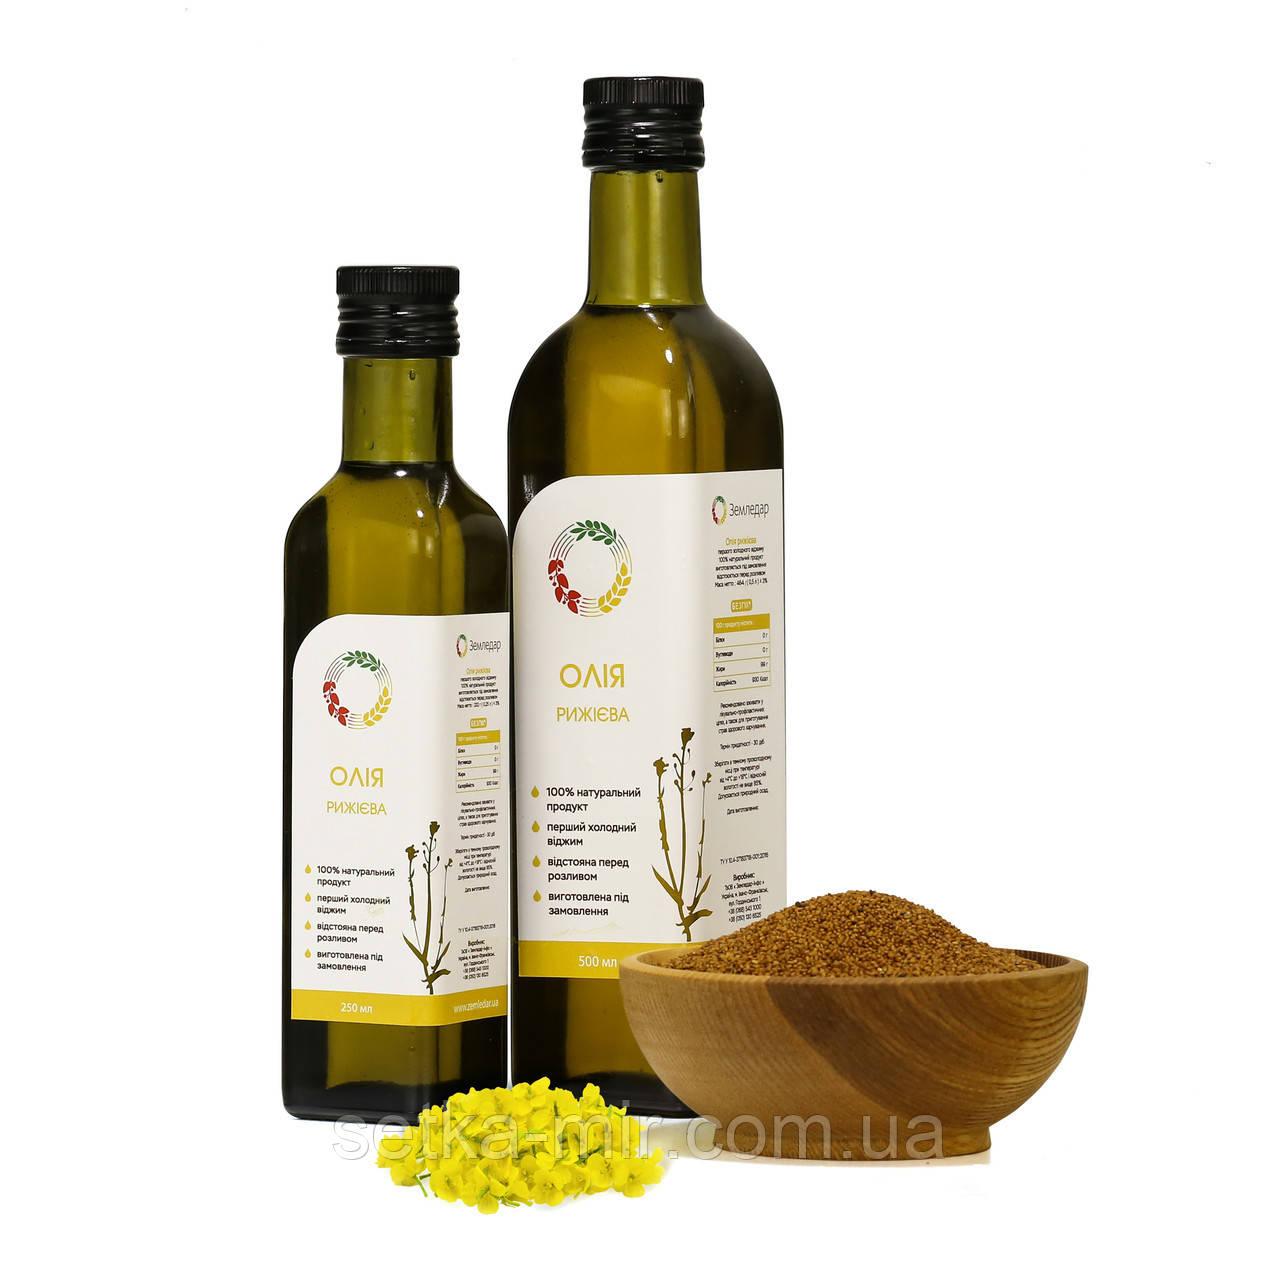 Рижієва олія 0,5 л сертифікована без ГМО сиродавлена холодного віджиму